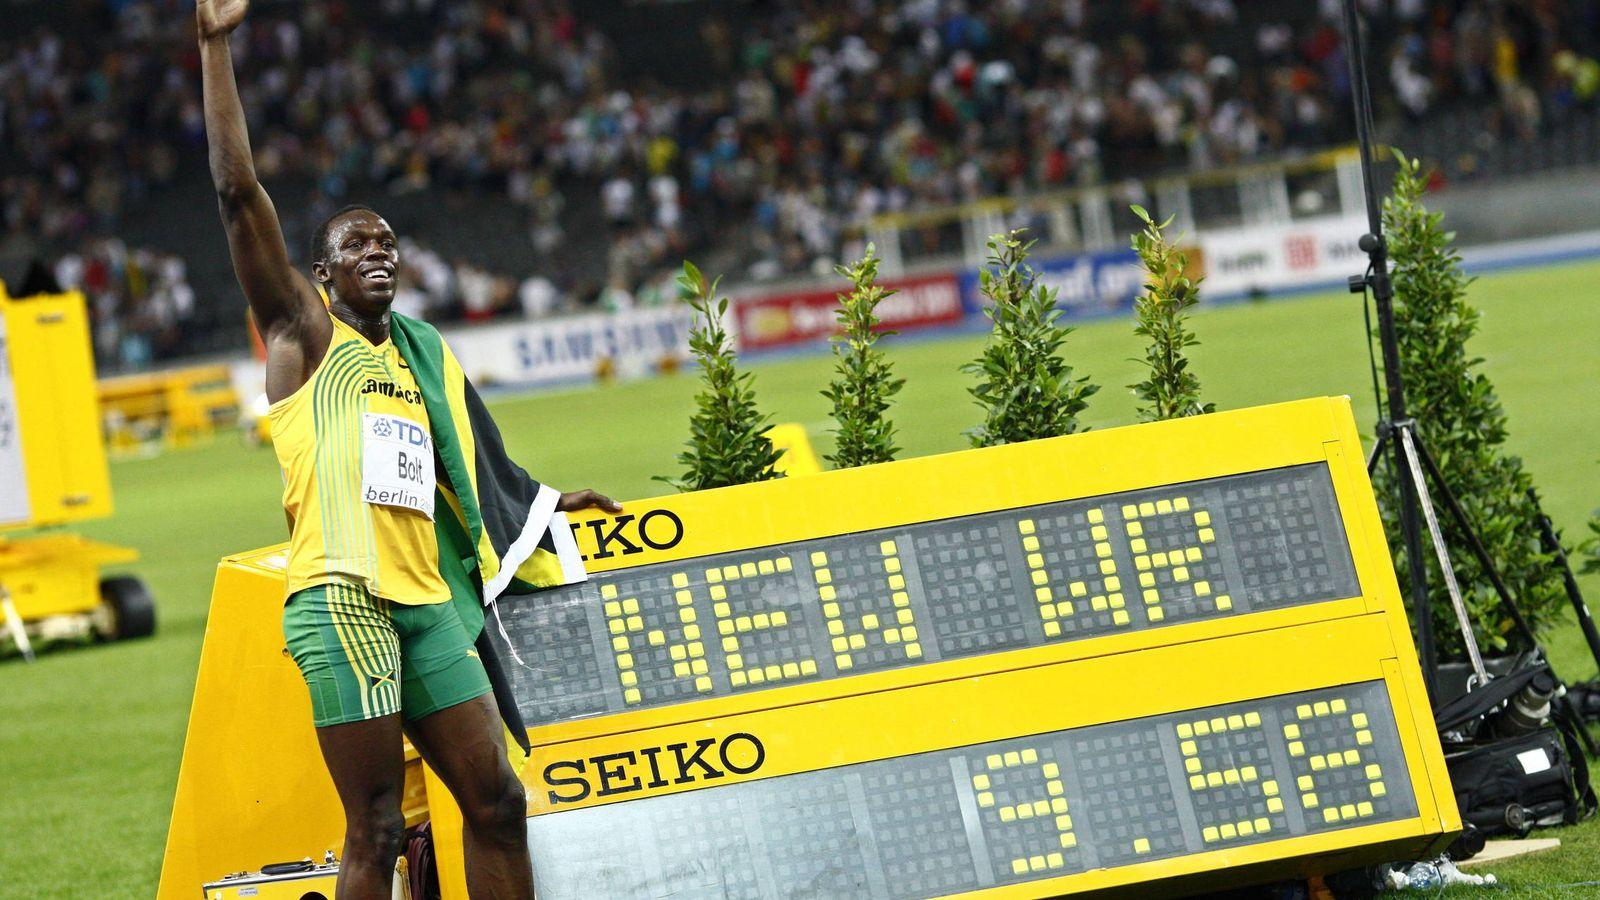 Foto: Usain Bolt posa con su récord del mundo de 100 metros lisos, marcado en Berlín en agosto de 2009. (Efe)